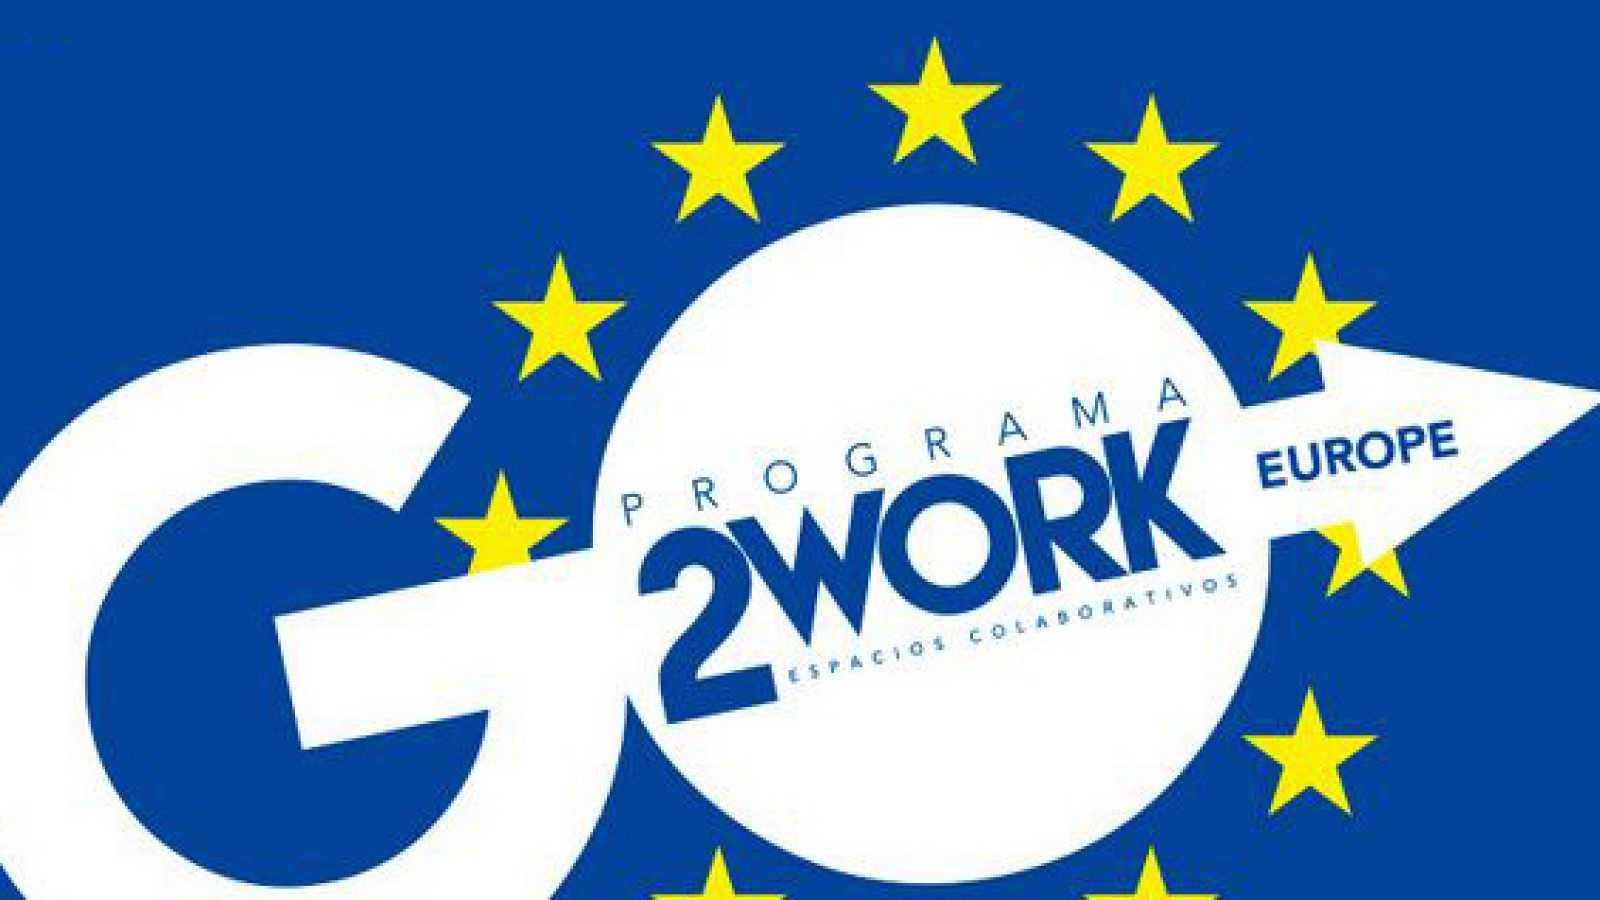 Marca España - European Coworkings, un programa de apoyo al talento español - 01/06/17 - escuchar ahora